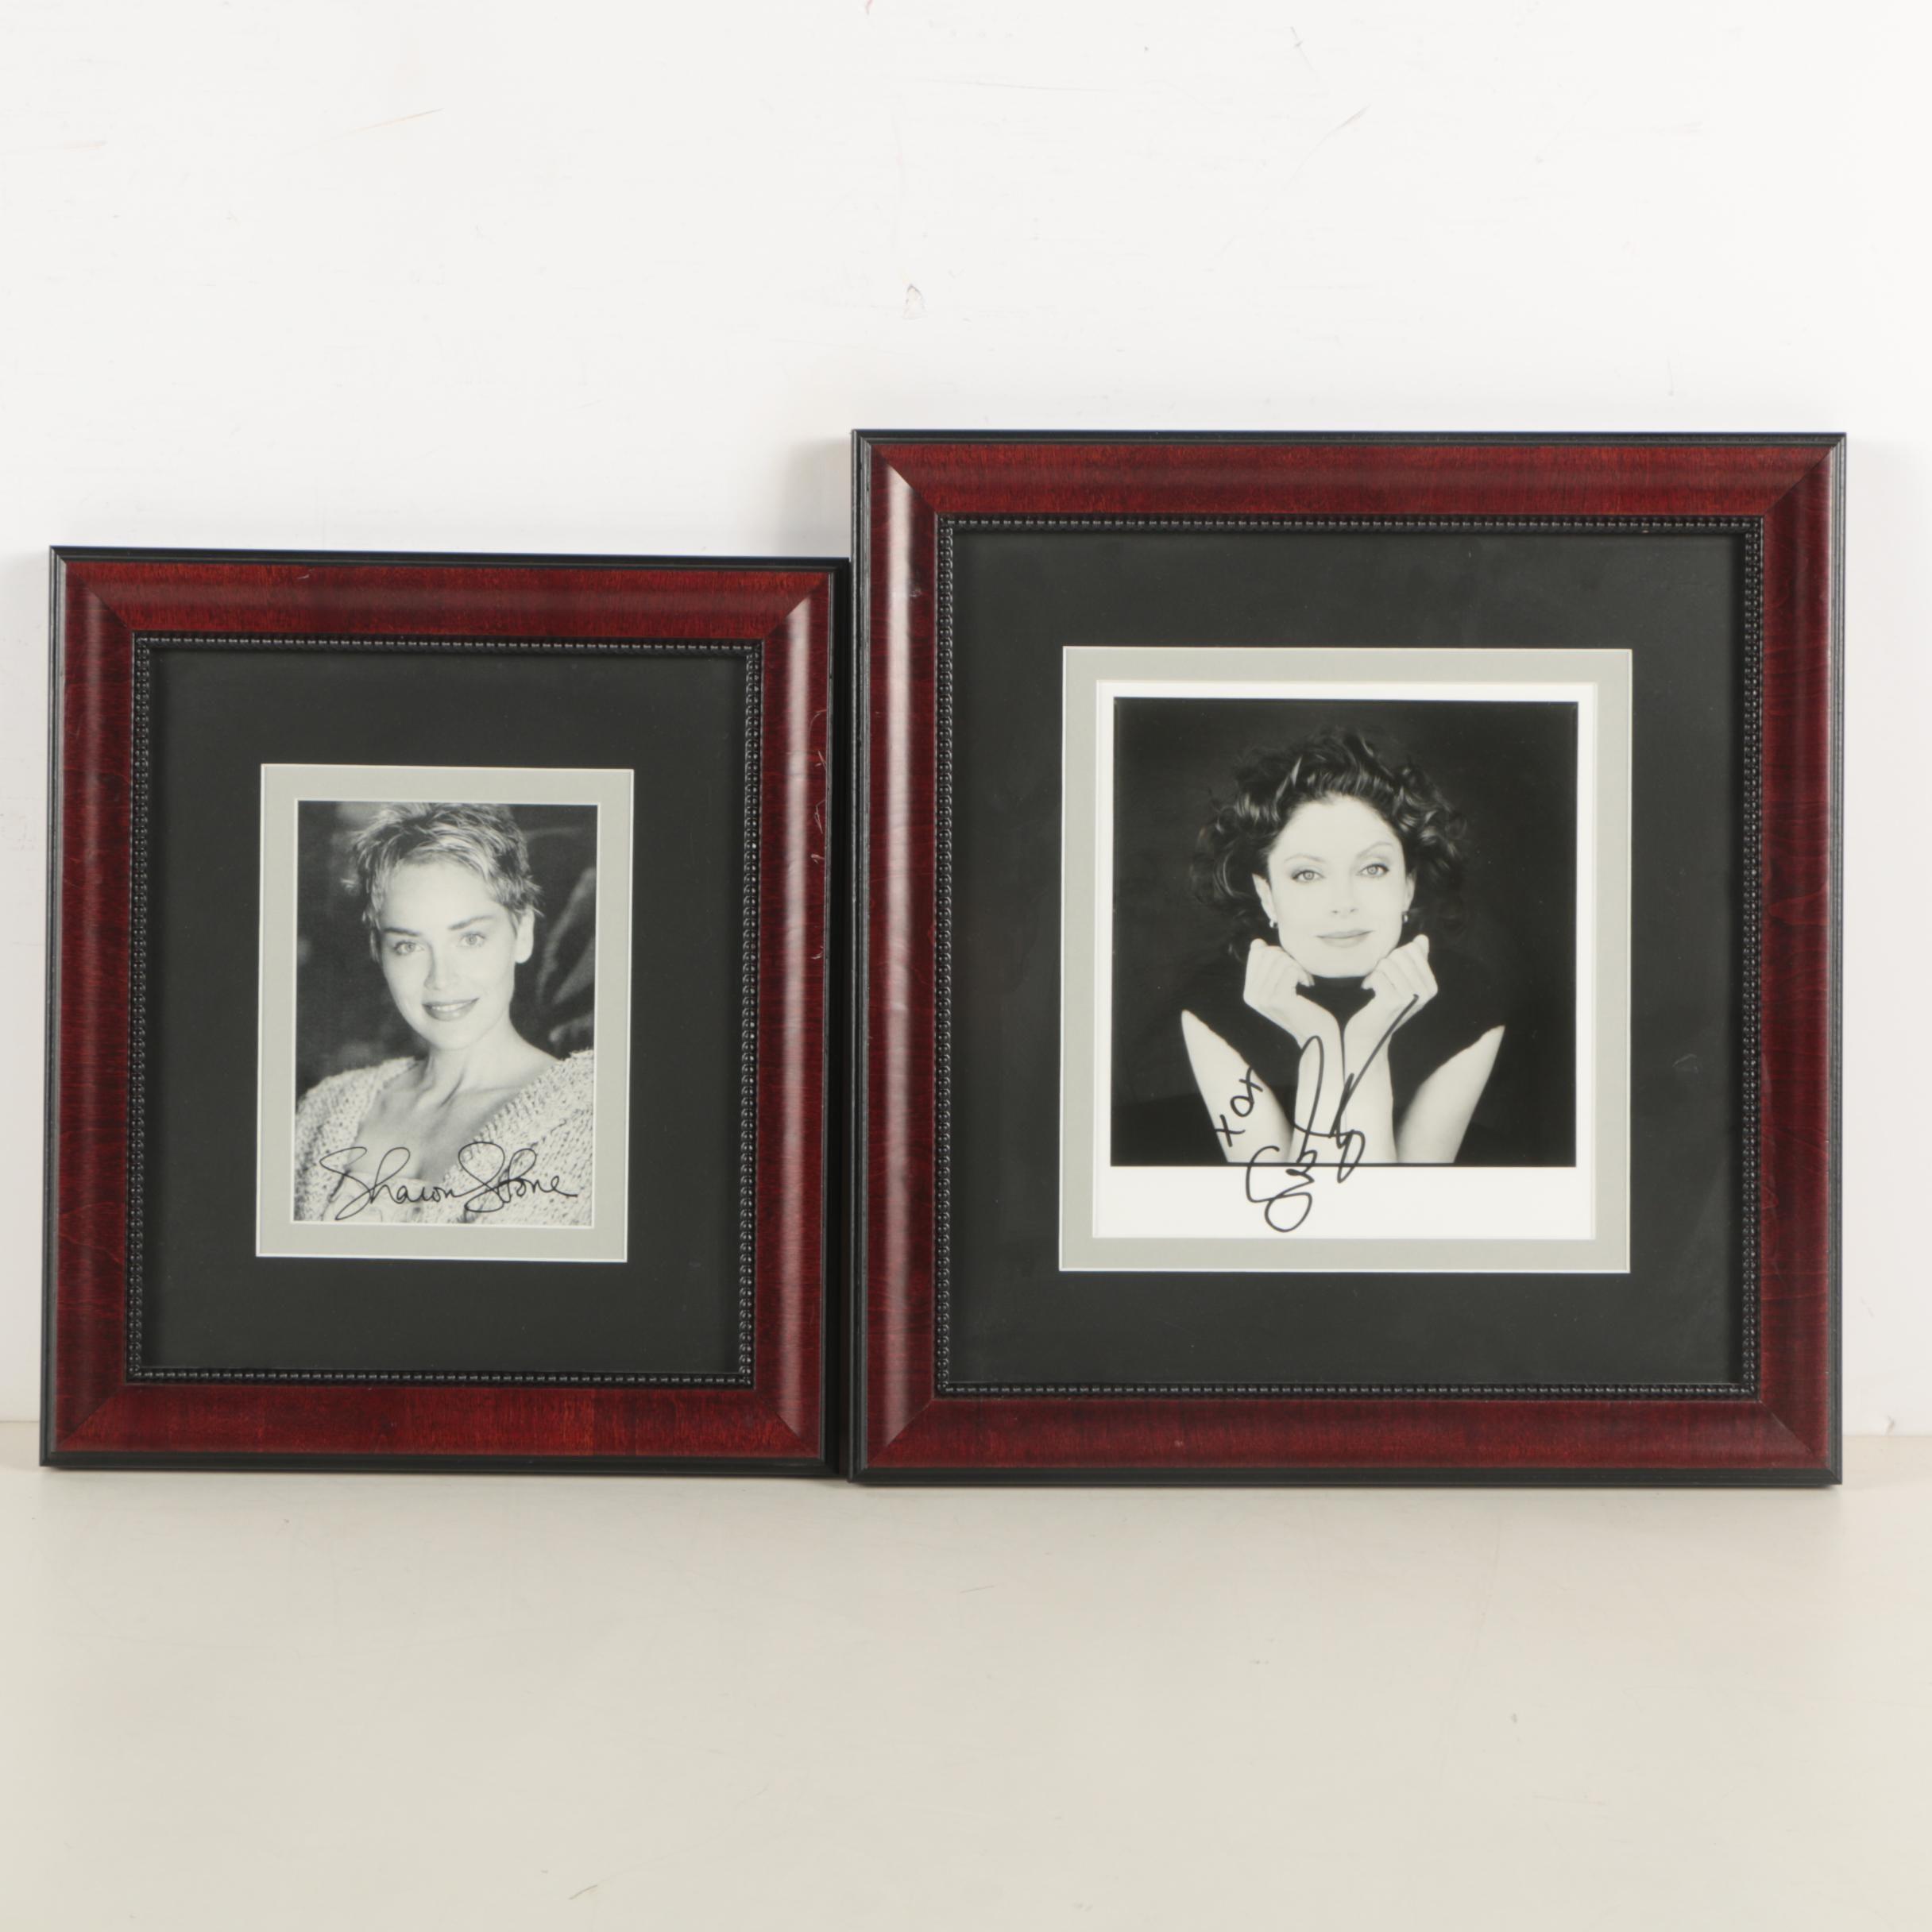 Sharon Stone and Susan Sarandon Autographed Prints